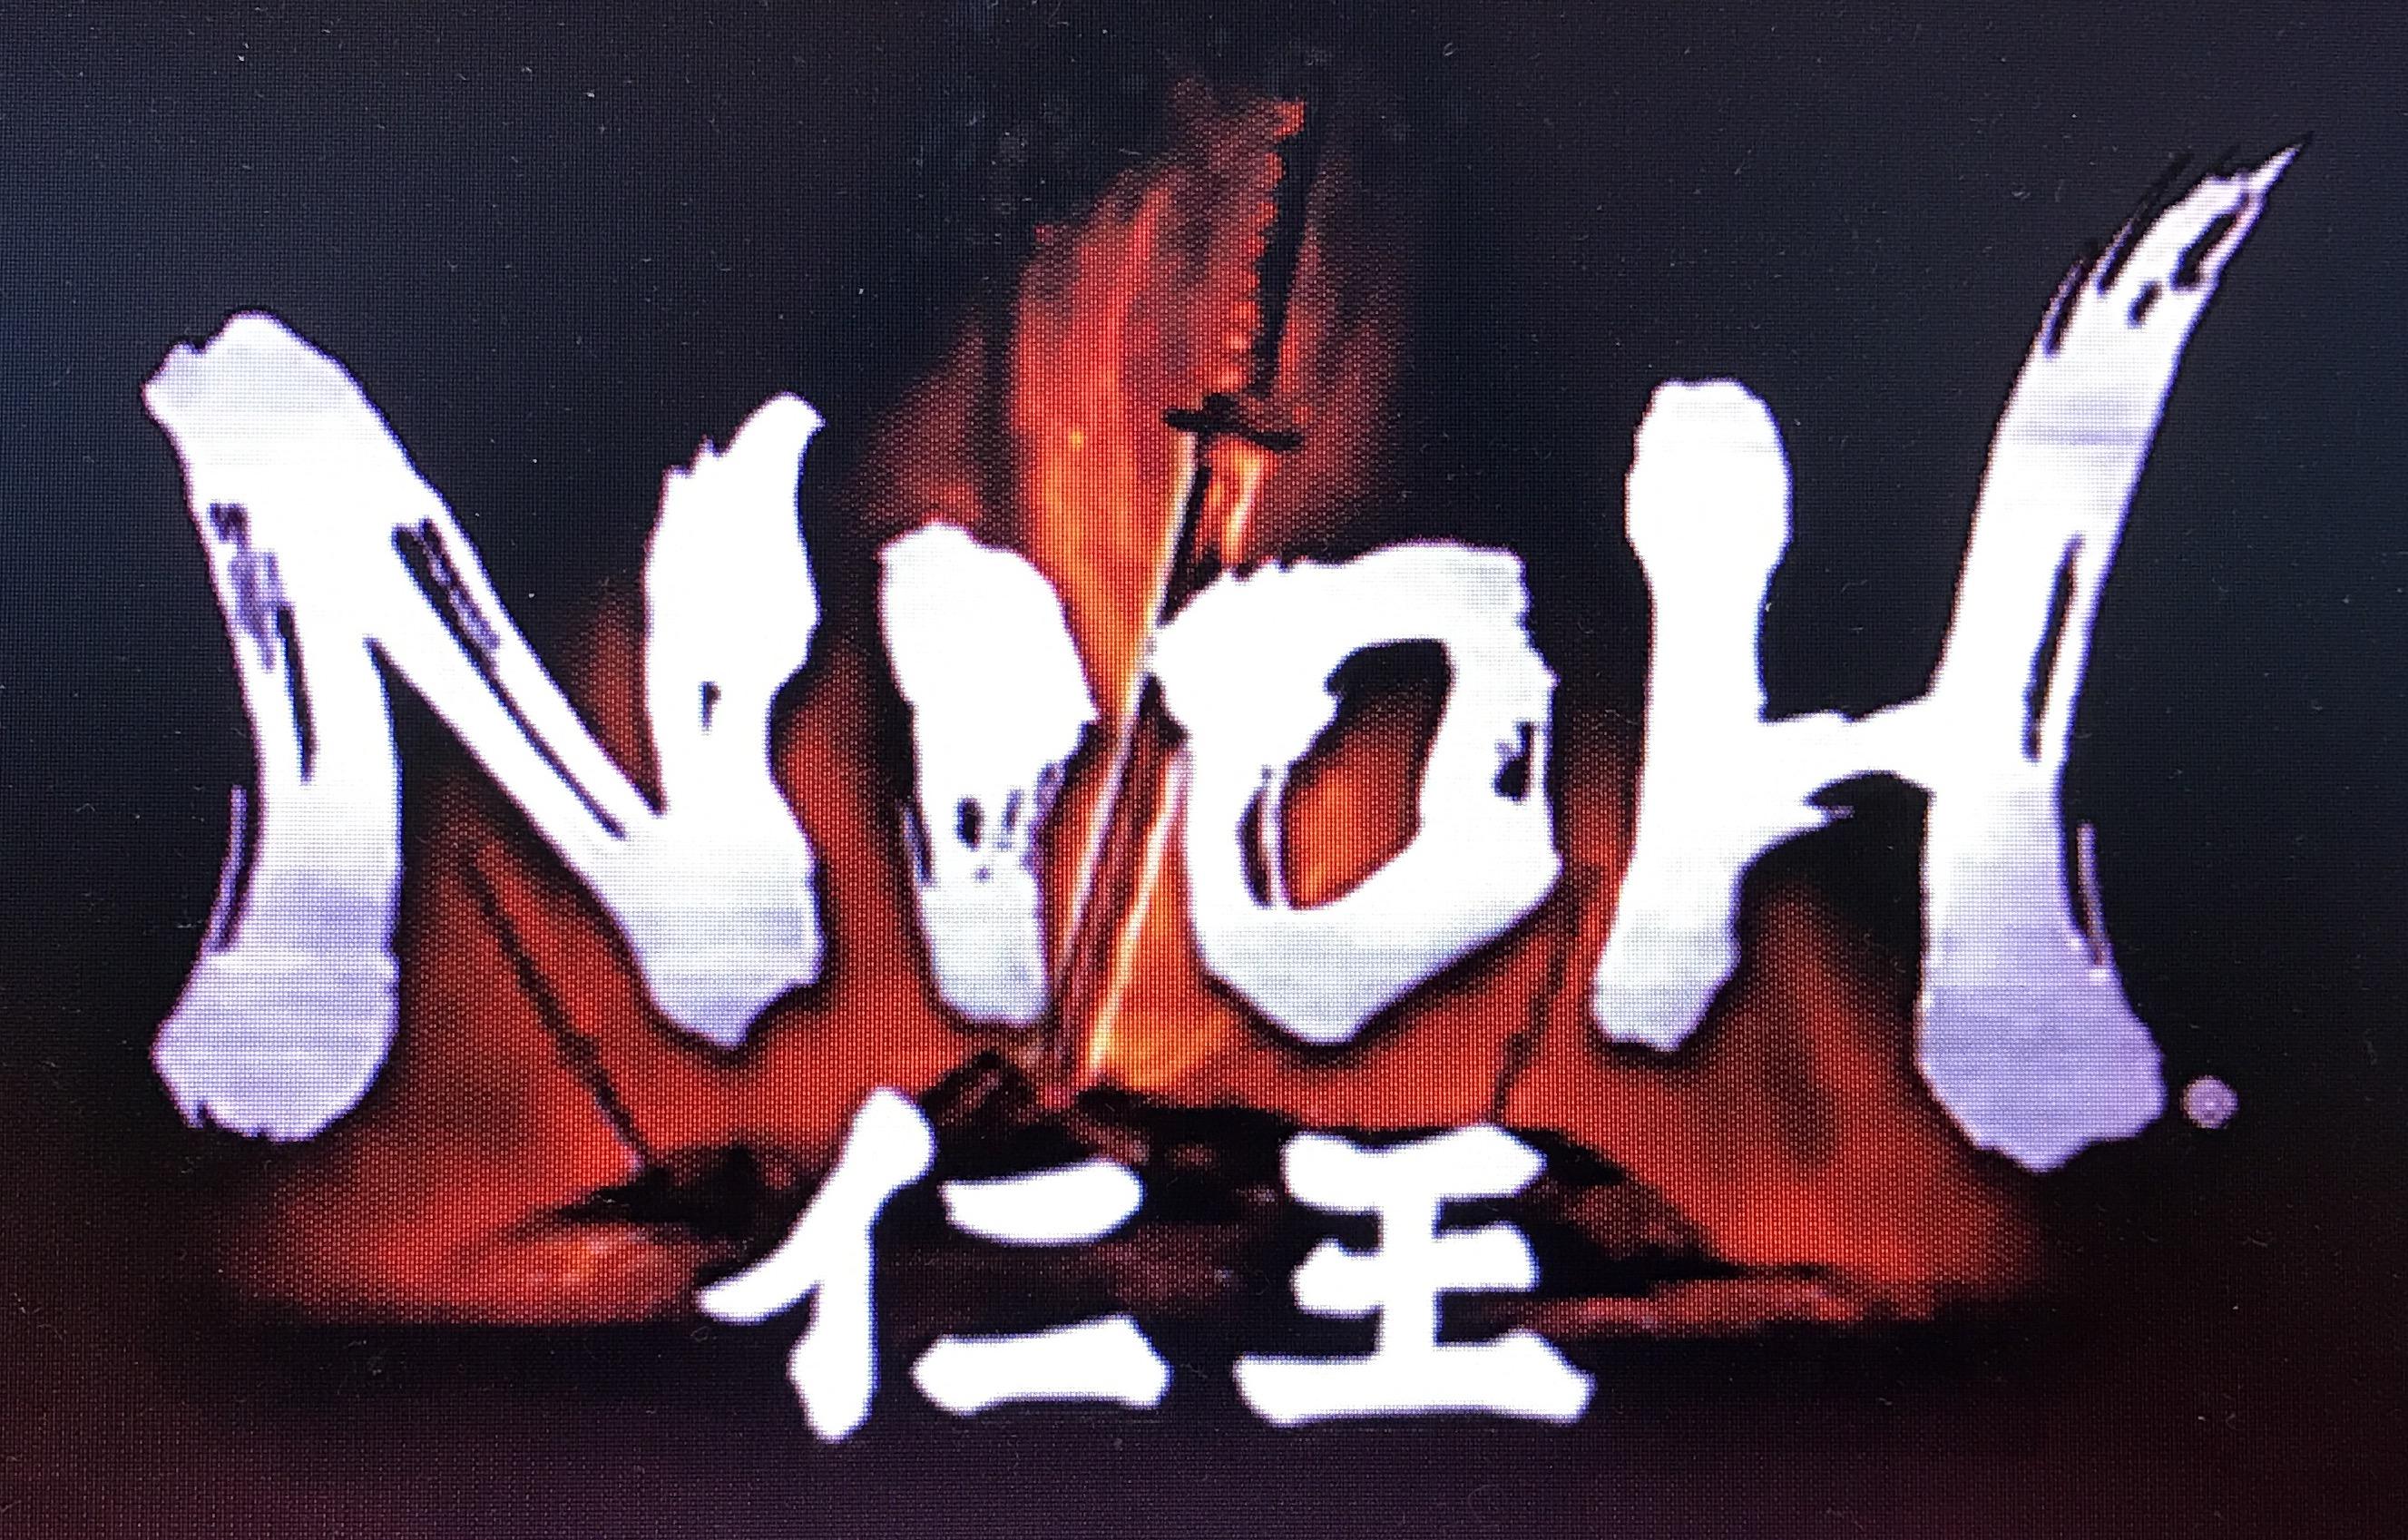 【仁王(PS4)】クリア後の評価・感想・レビュー総合まとめ!